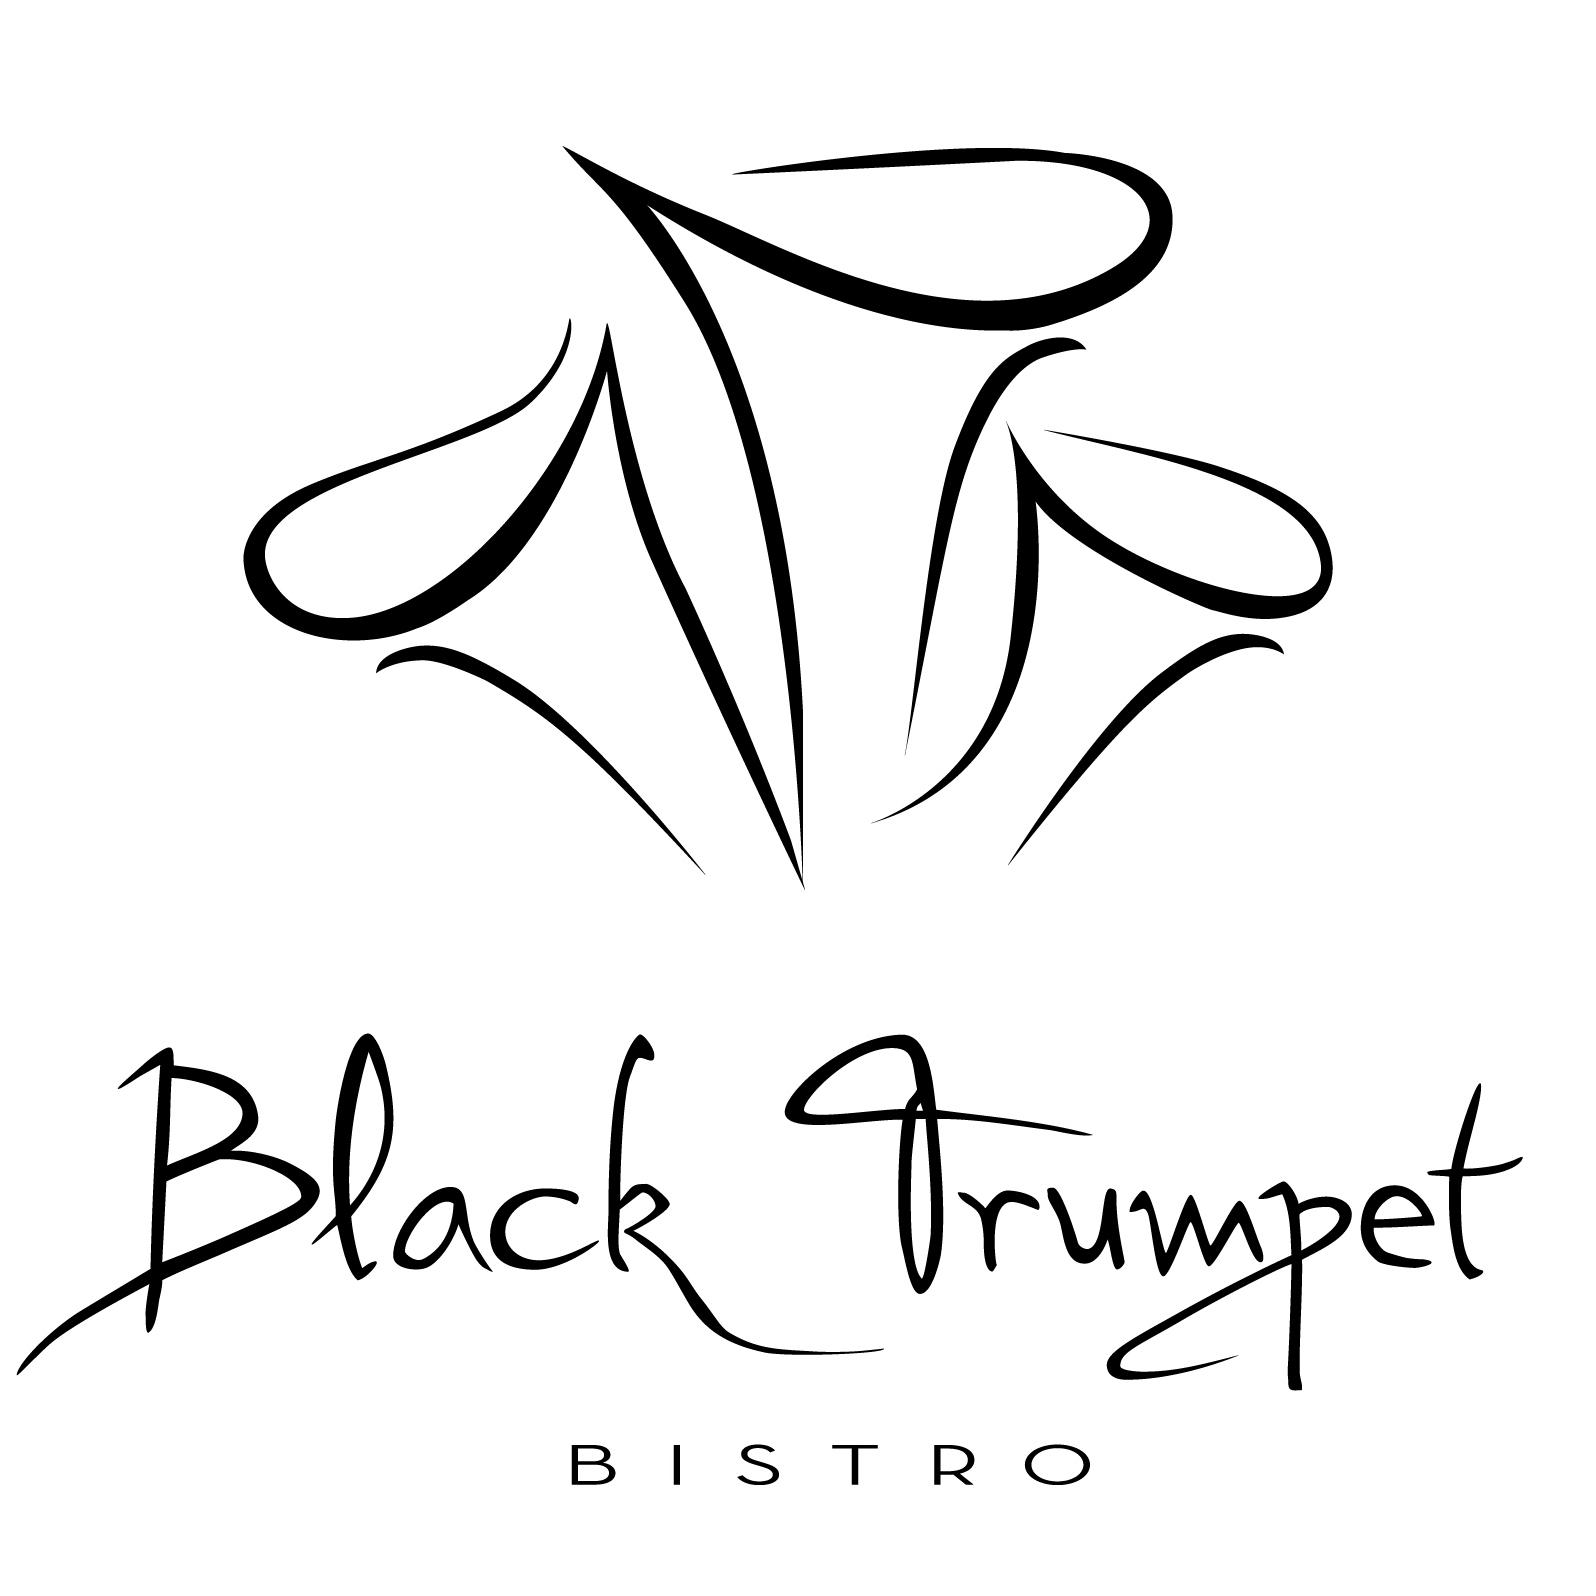 Black Trumpet Bistro